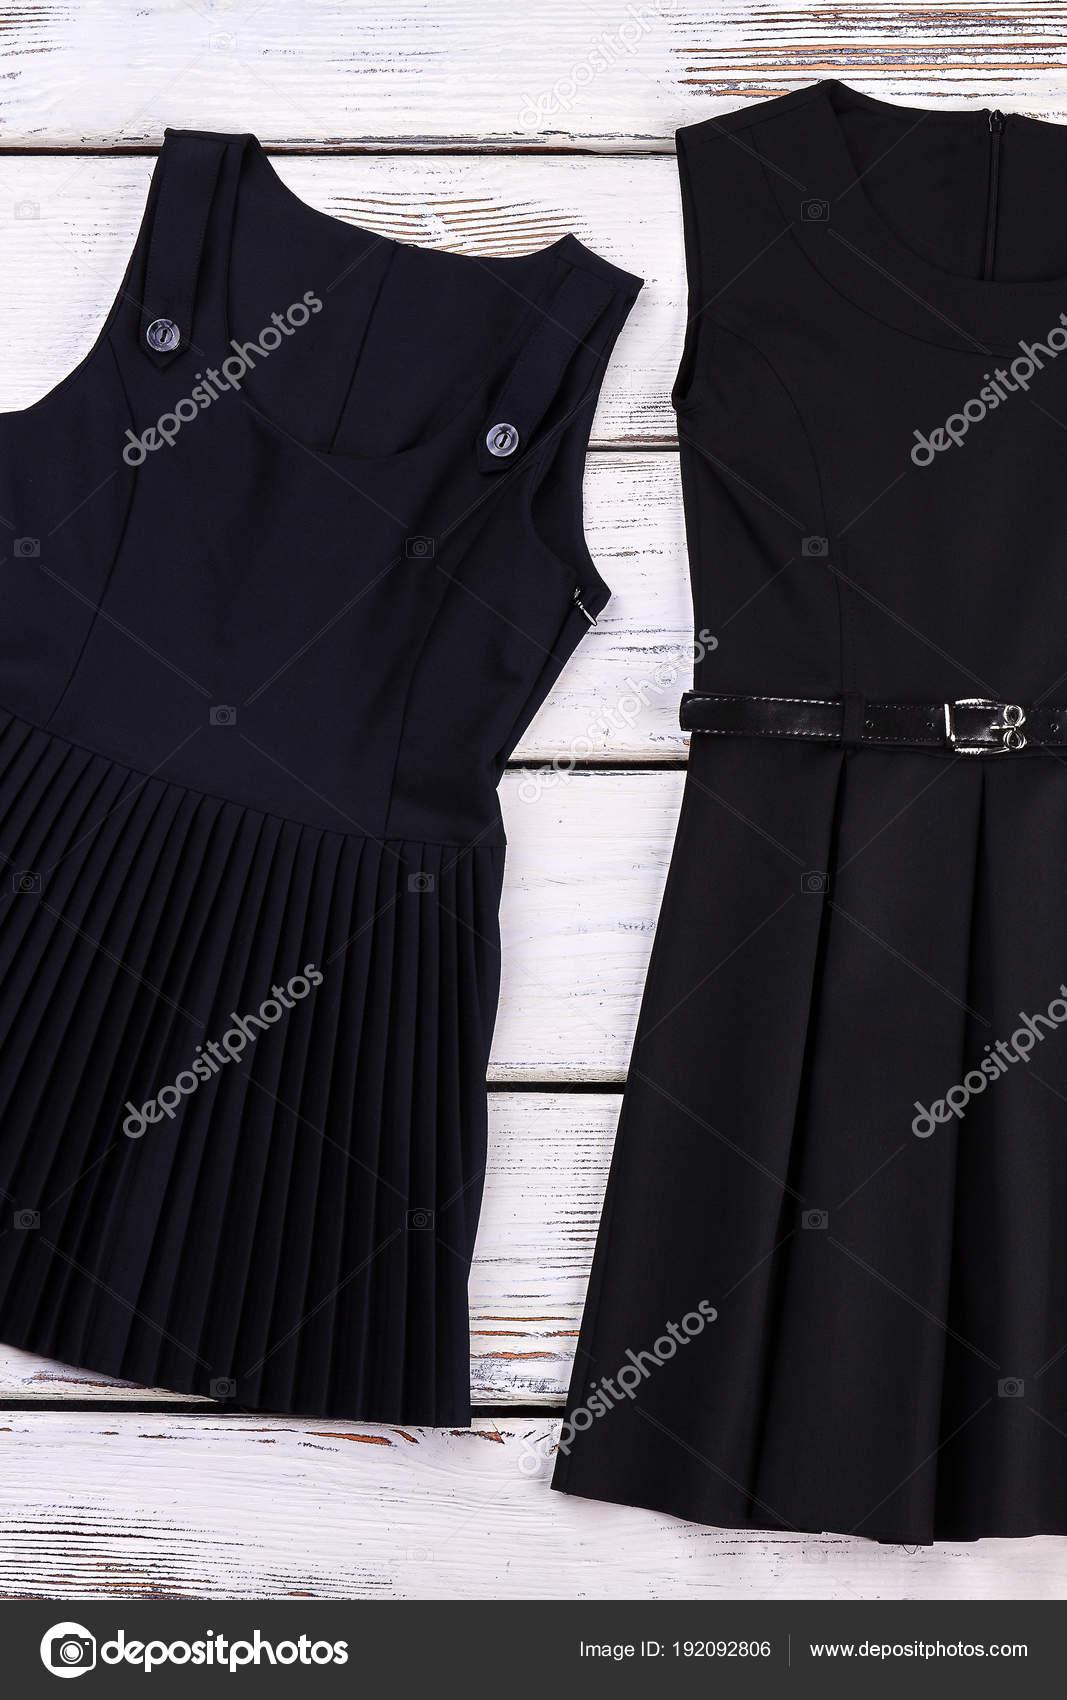 Vestidos Negros Clásicos De Escuela Chicas Foto De Stock